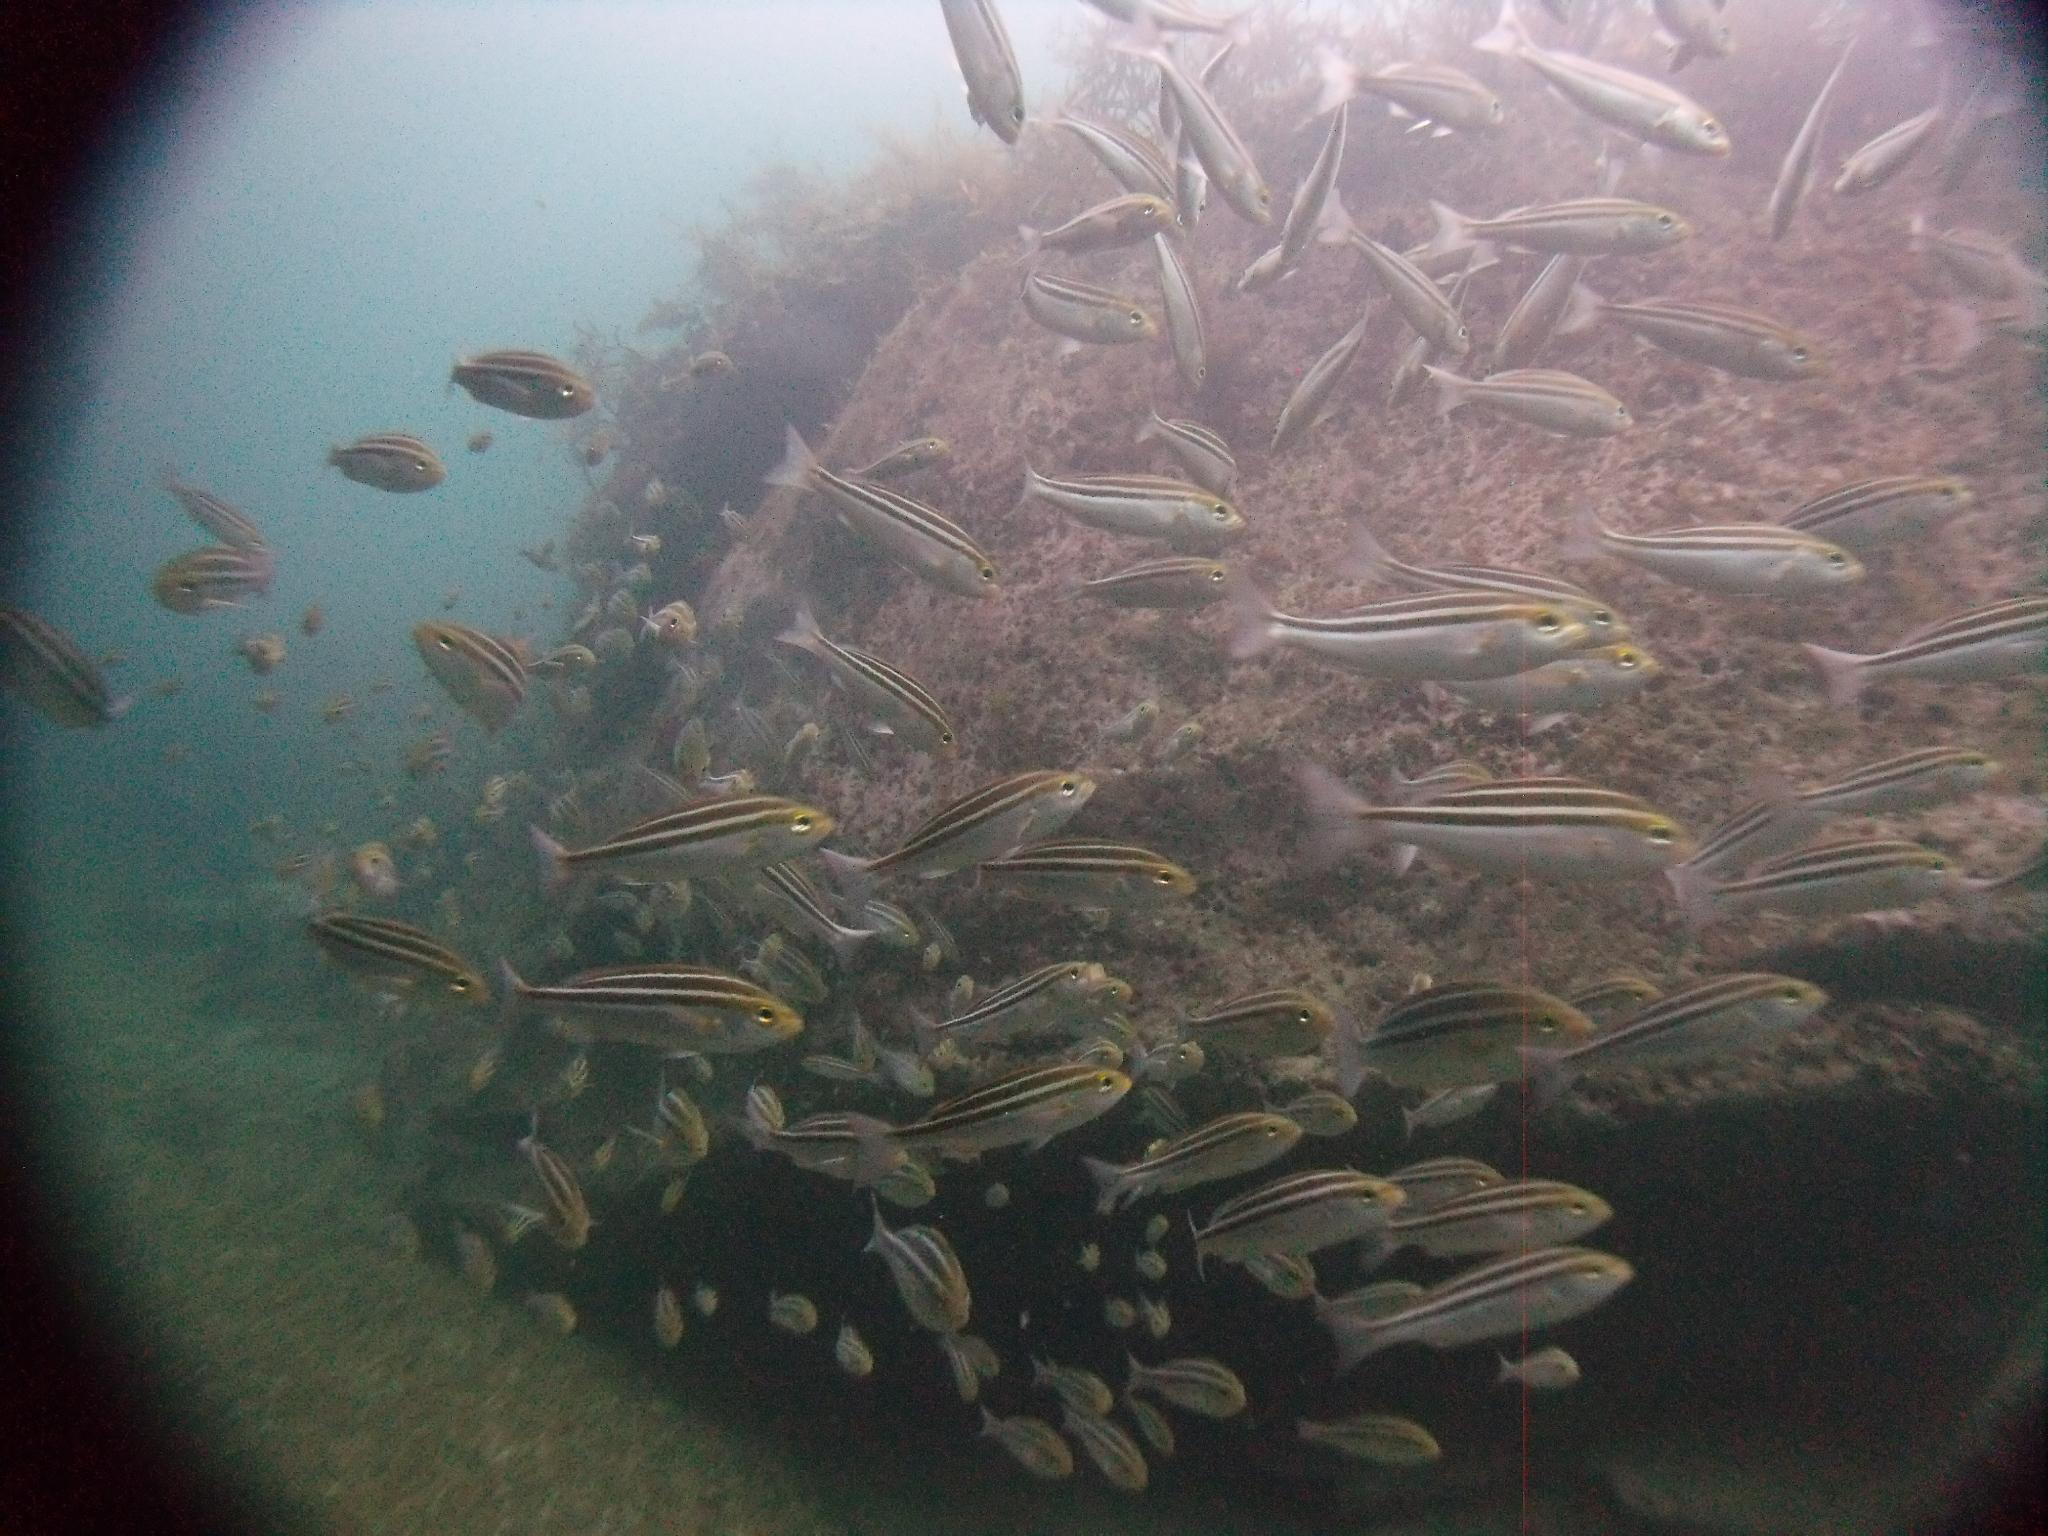 平日のんびり山陰ジオパーク(豊岡市竹野の海で)海底探索の巻(^O^☆♪